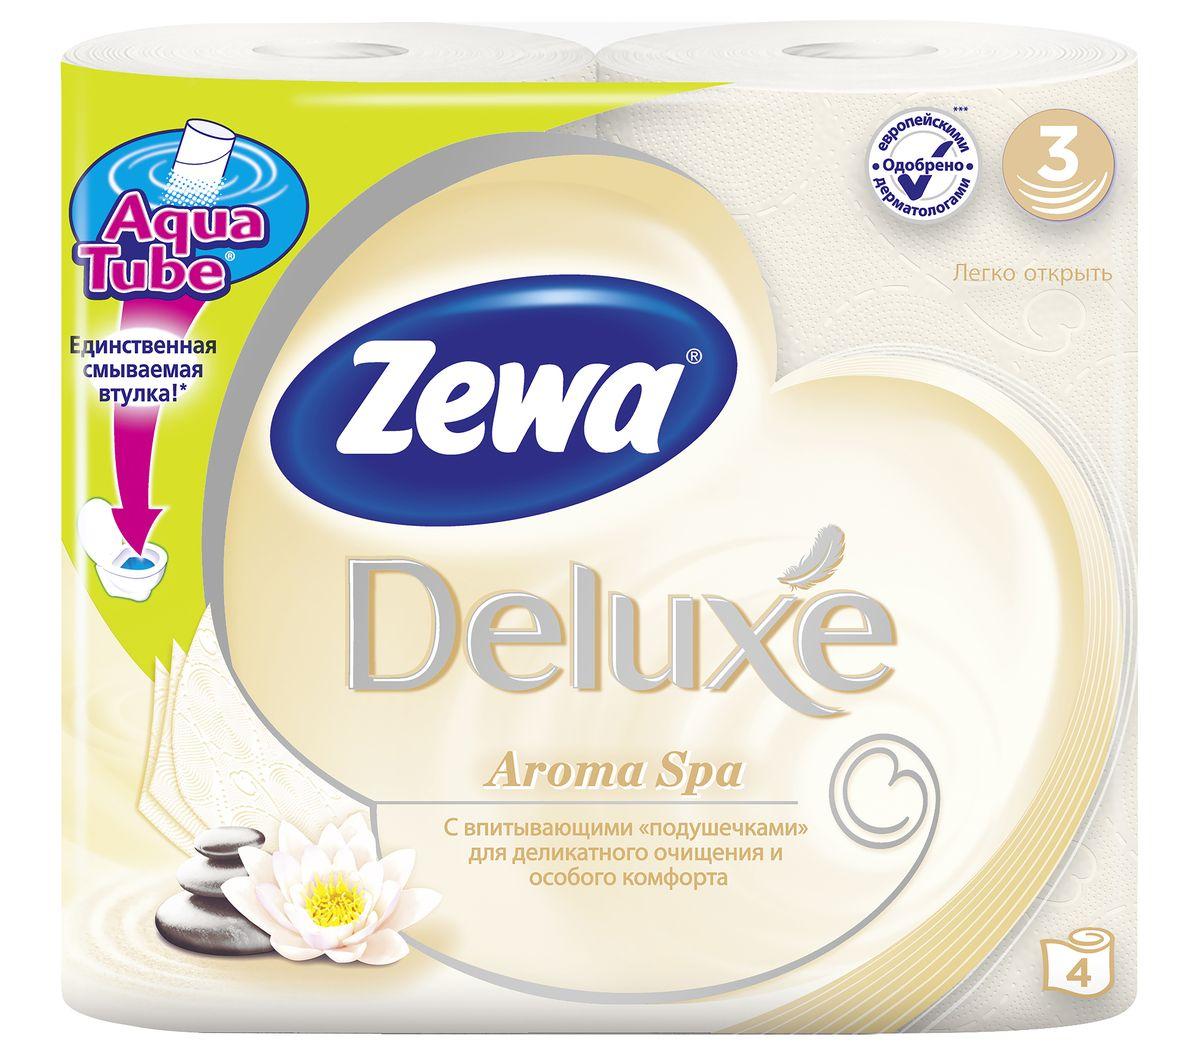 Туалетная бумага Zewa Deluxe АромаСпа, 3 слоя, 4 рулонаNN-604-LS-BUПодарите себе удовольствие от ежедневного ухода за собой. Zewa Deluxe сновыми впитывающими подушечками деликатно очищает и нежно заботится о вашей коже.Мягкость, Забота, Комфорт – вашей коже это понравится!Сенсация! Со смываемой втулкой Aqua Tube!3-х слойная туалетная бумага цвета шампань с тонким ароматом ароматического масла4 рулона в упаковкеСостав: вторичное волокноПроизводство: Россия